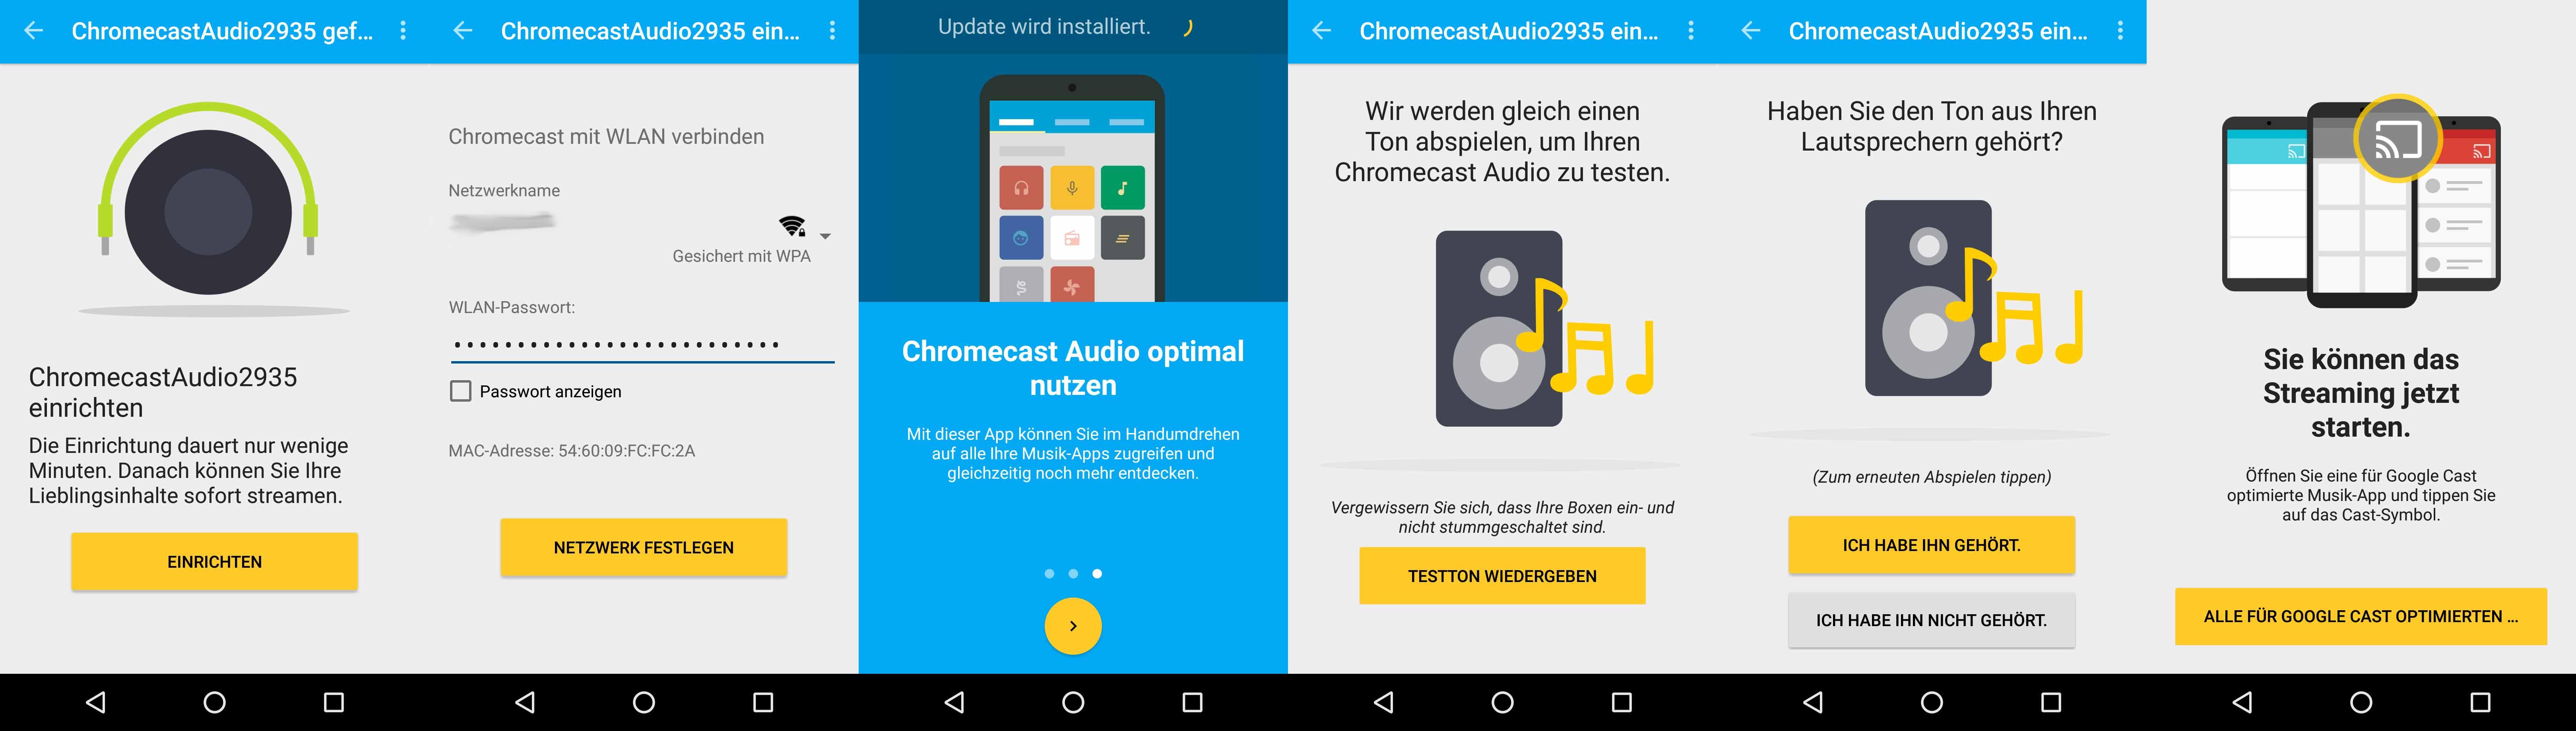 Google Chromecast Audio: Schritte der Einrichtung